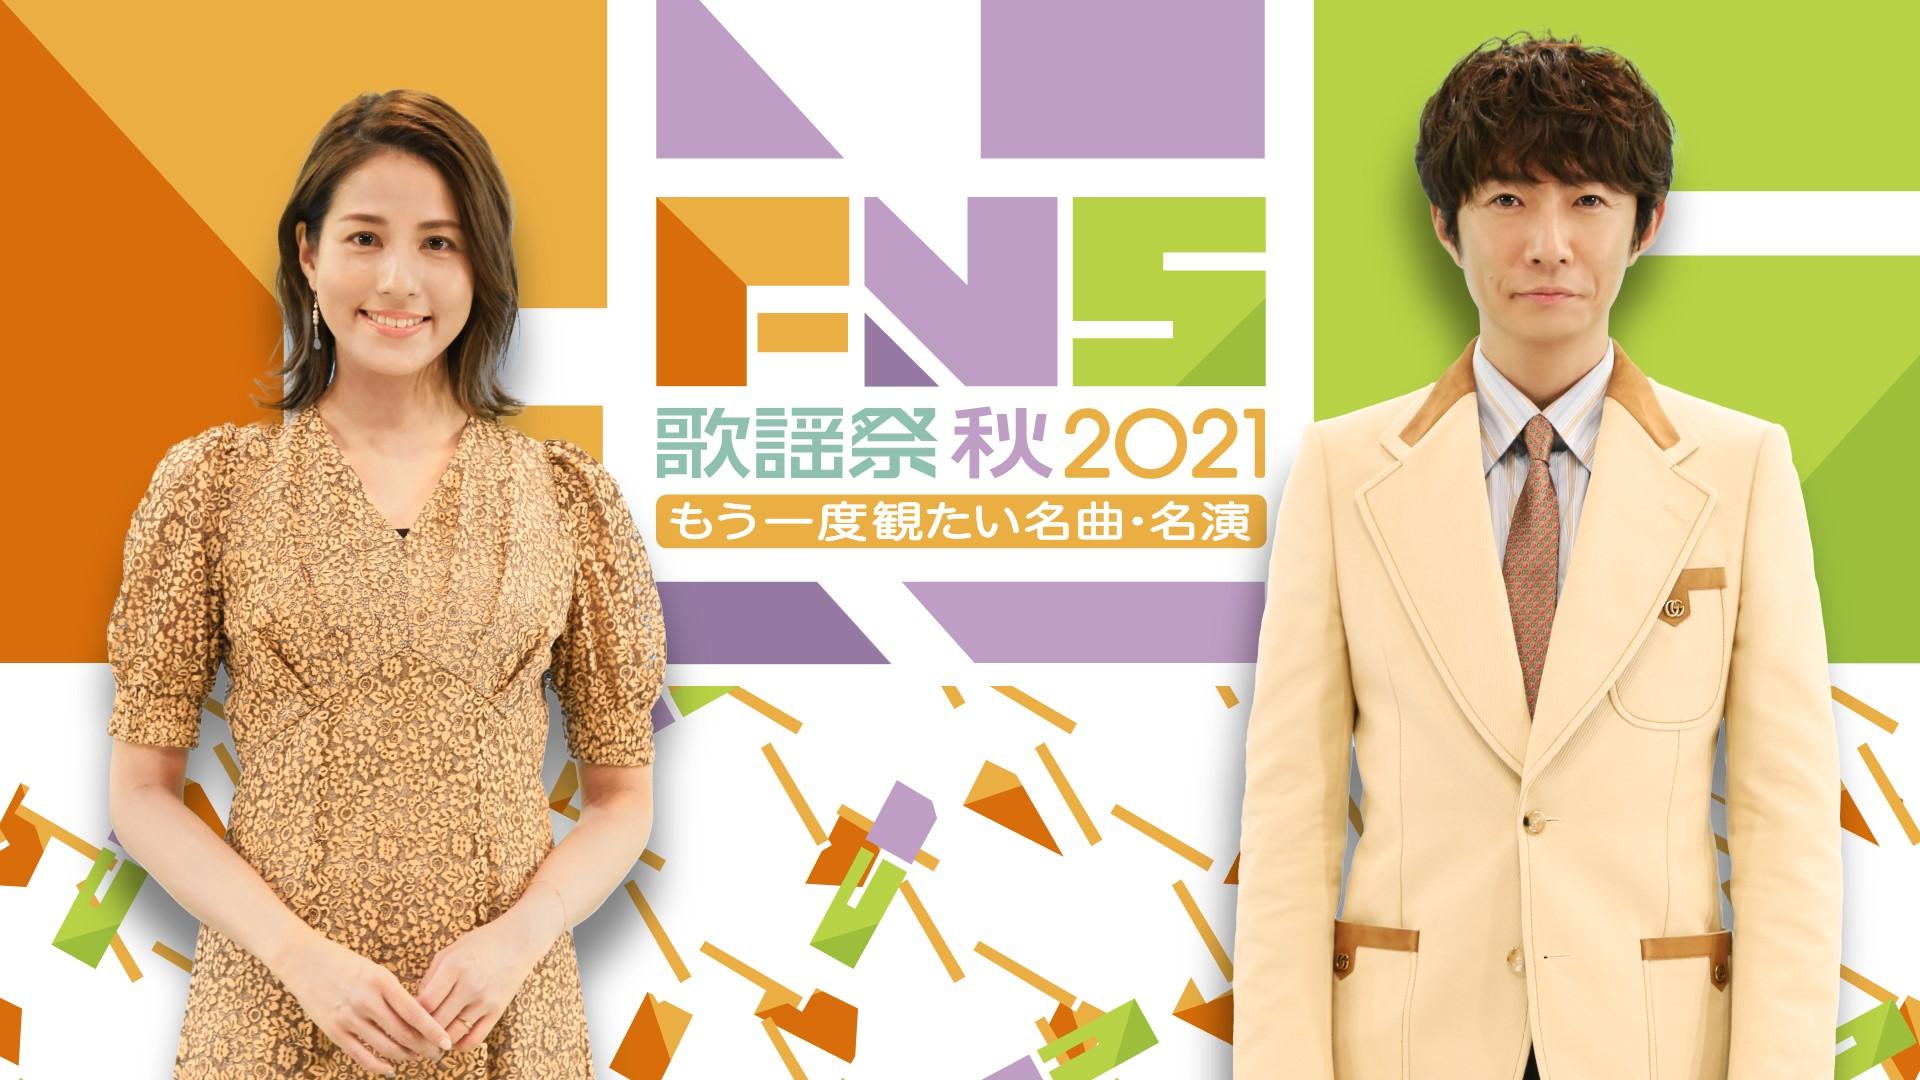 『2021FNS歌謡祭 秋~もう一度観たい名曲・名演~』ビジュアル